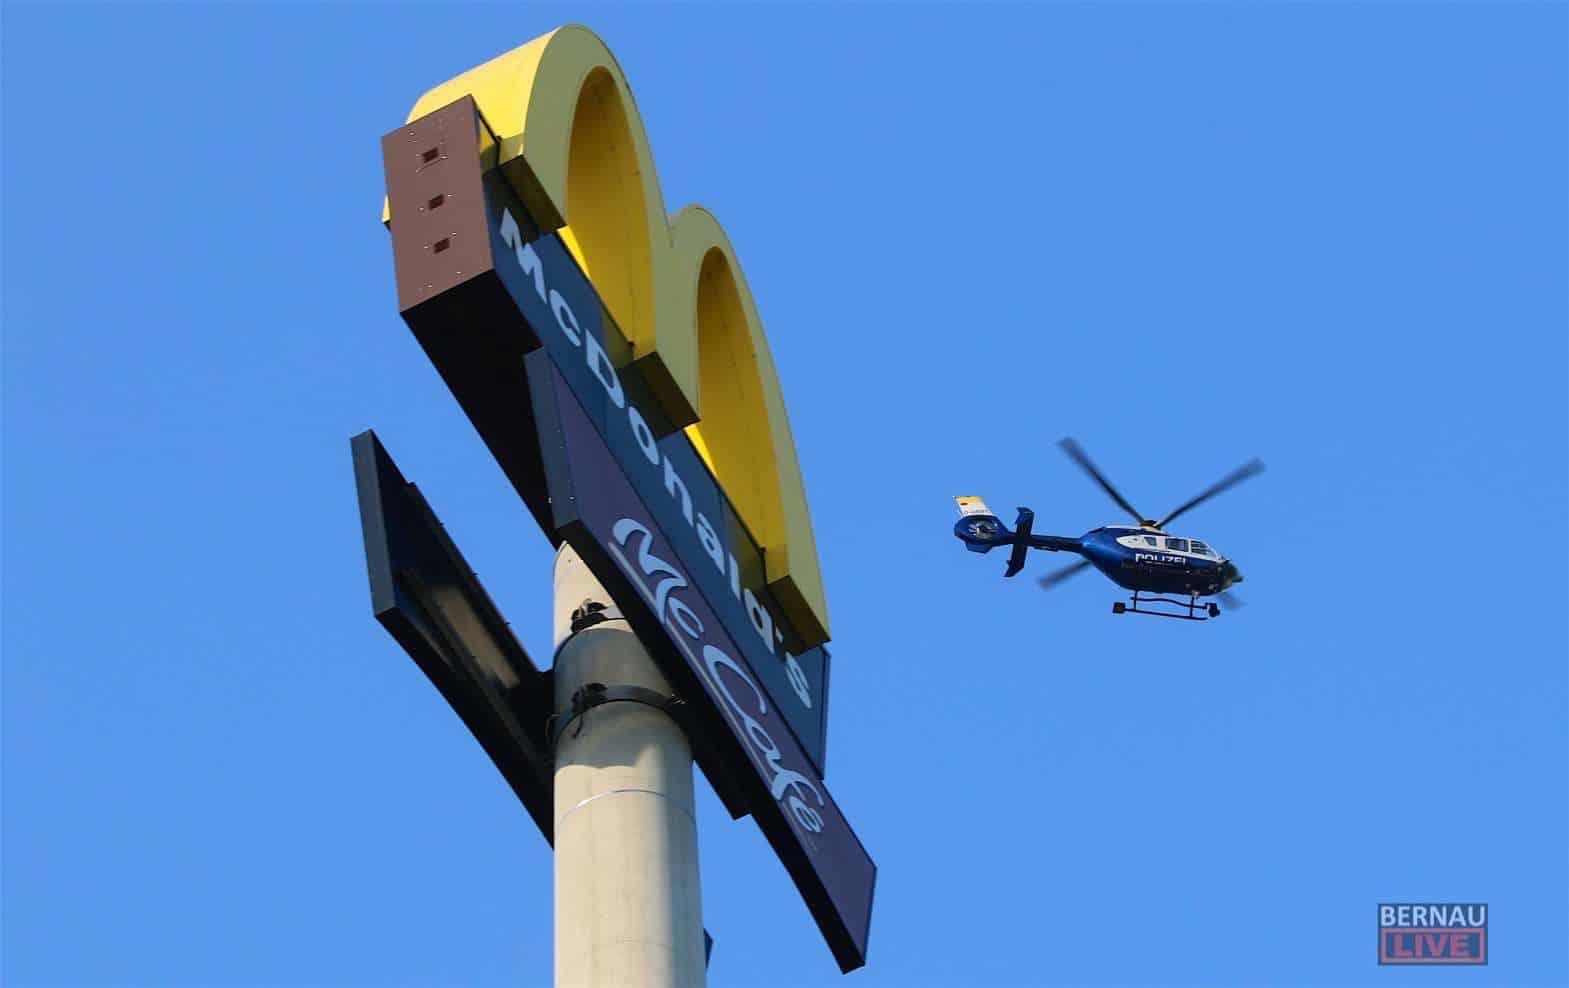 Barnim - Bernau: Polizei suchte Autodieb mit Hubschrauber - Unfallzeugen gesucht